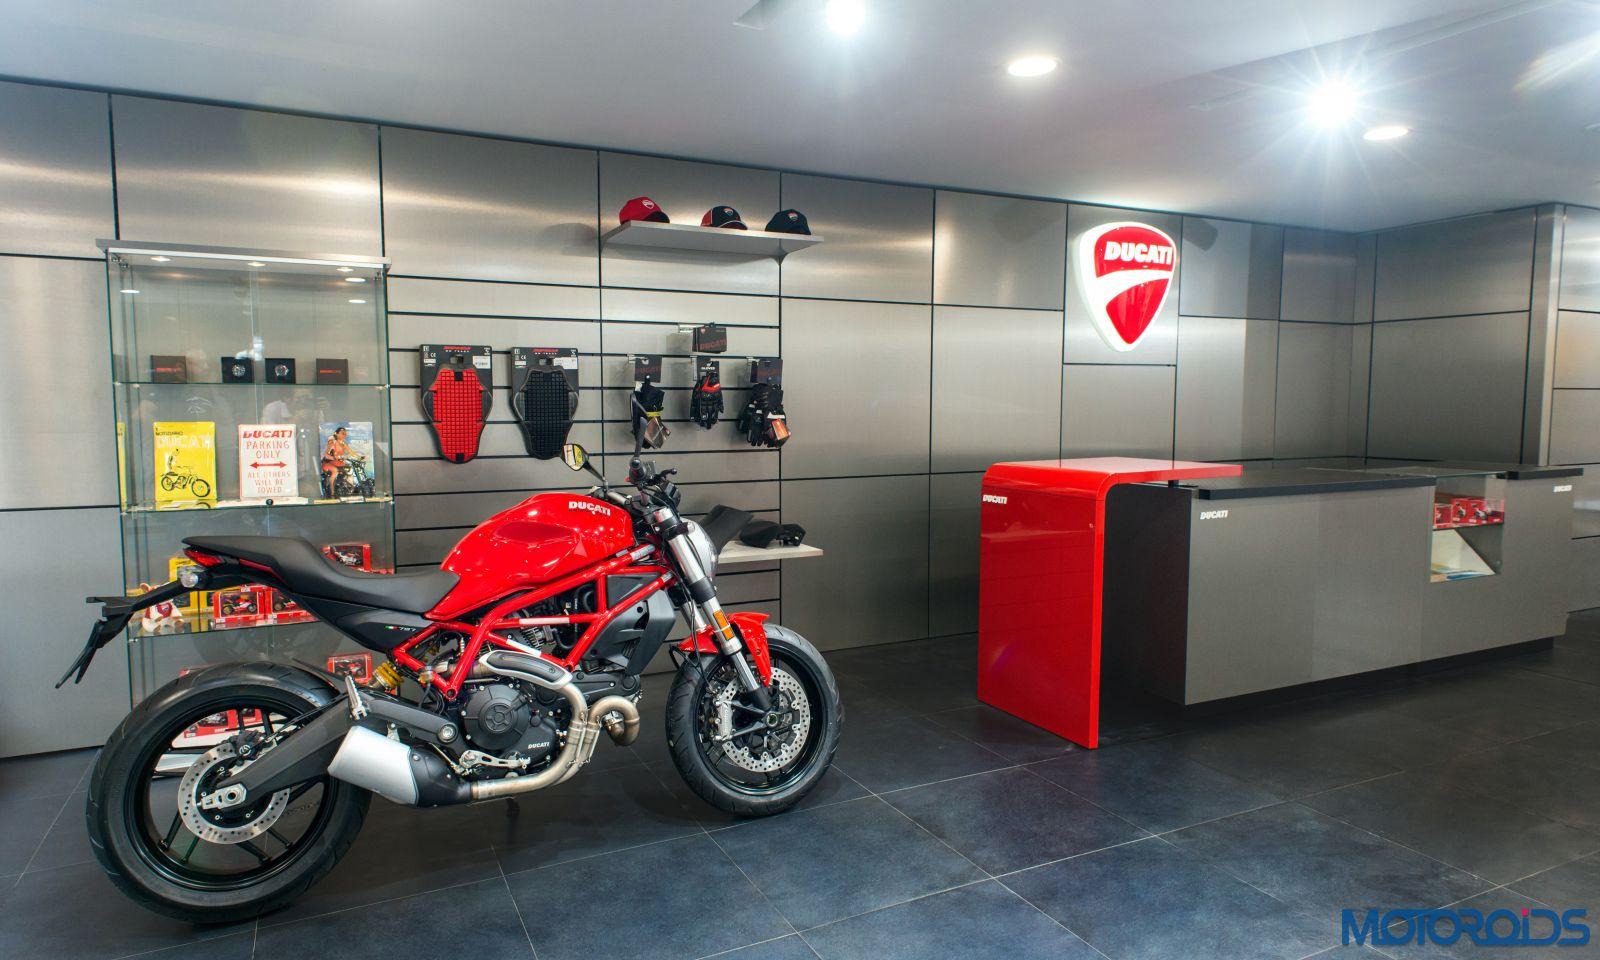 Ducati-Kolkata-4